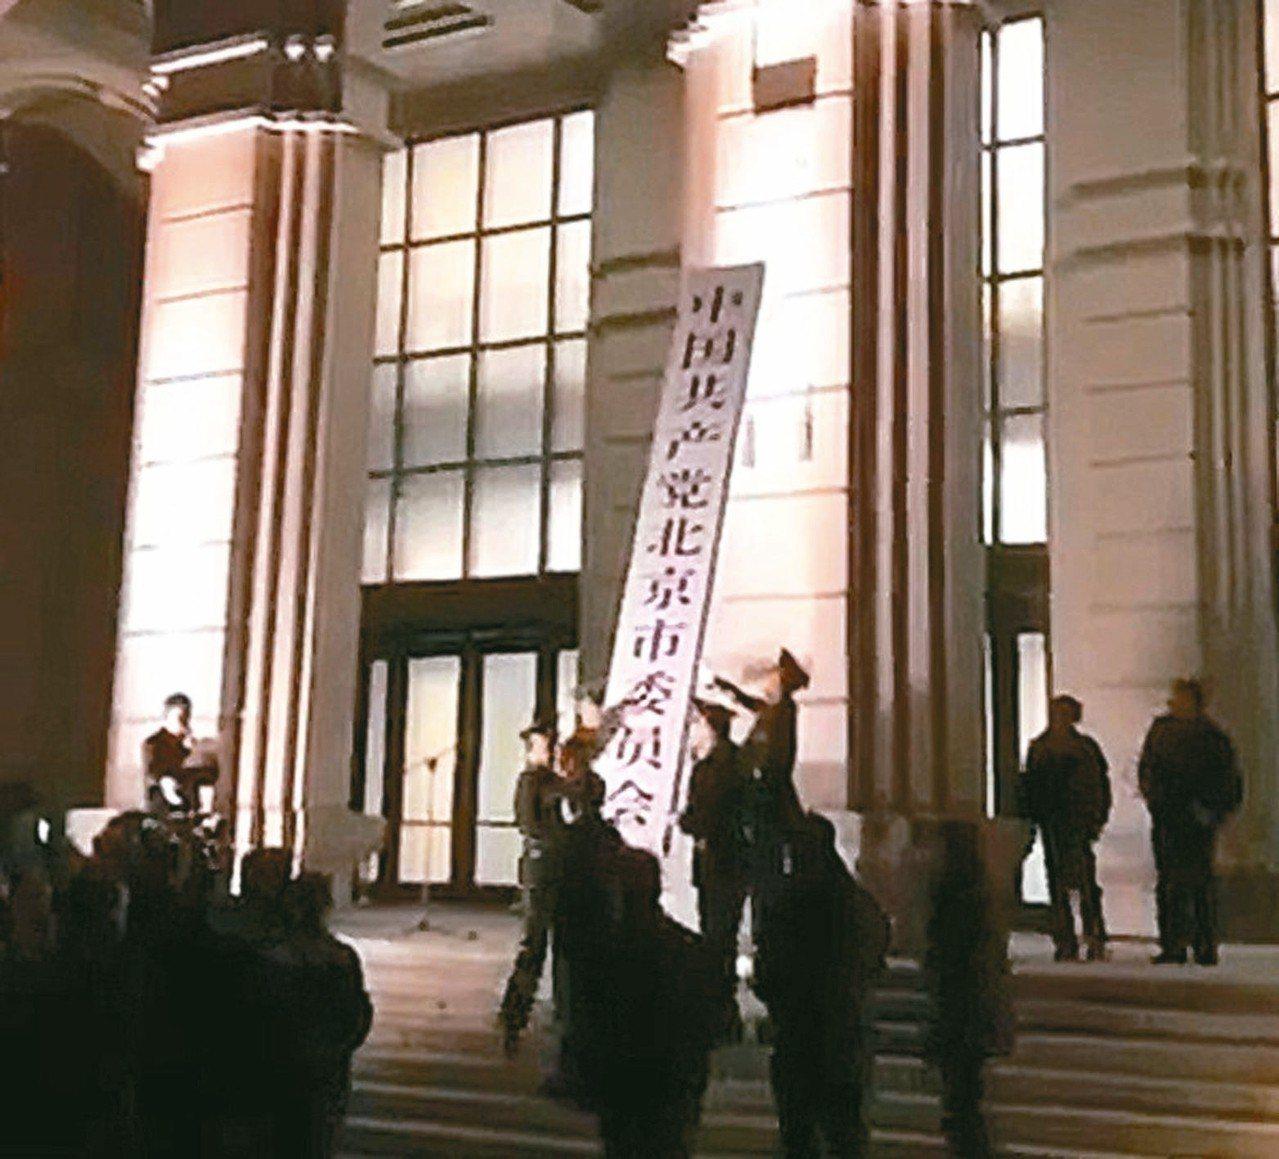 中共北京市委員會與北京市人民市政府的牌匾,十日從原址摘下,意味北京城市副中心辦公...